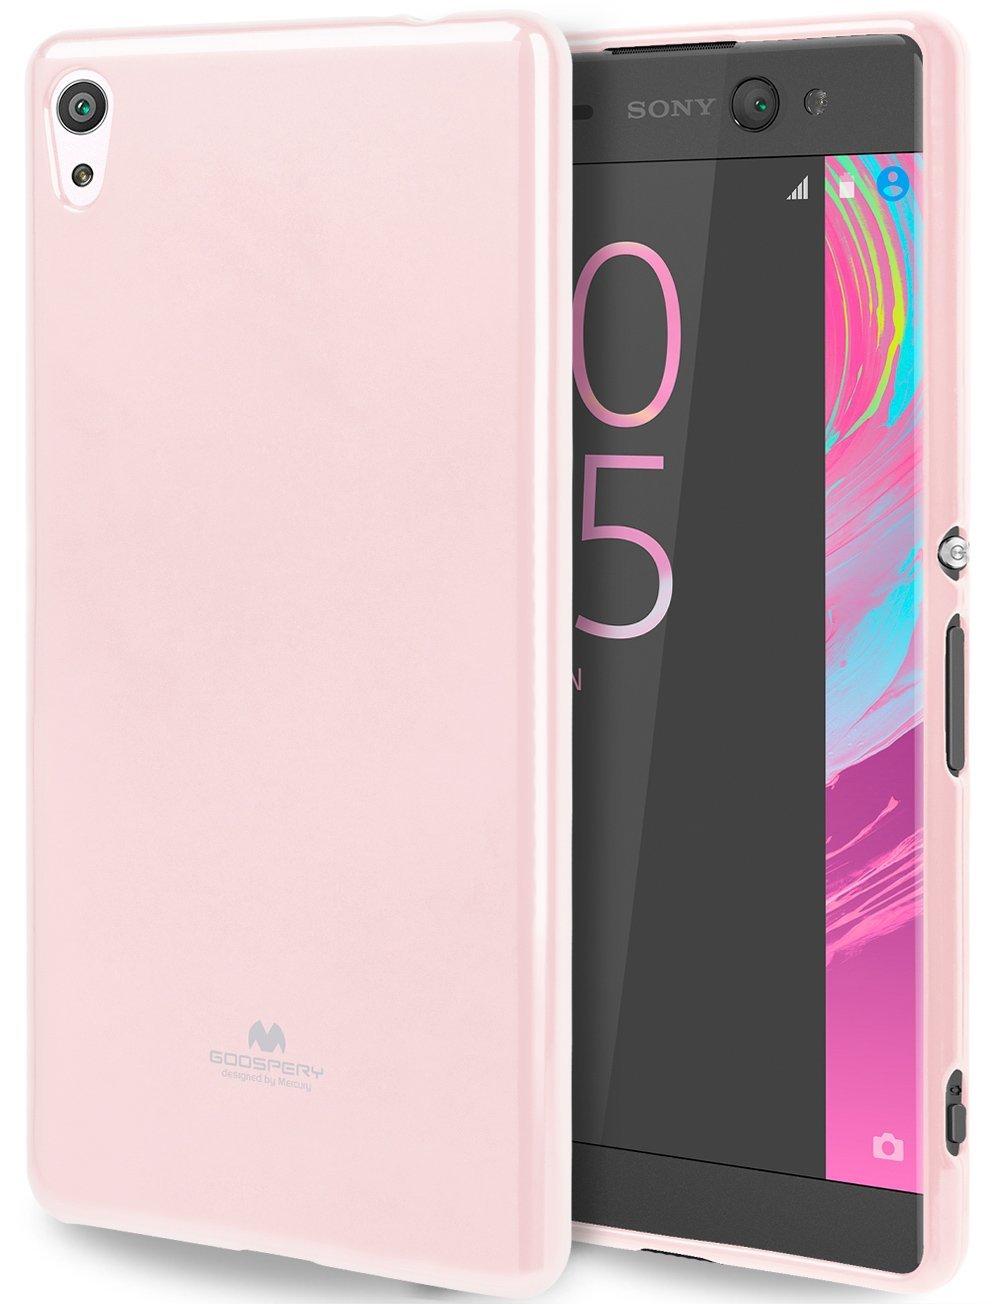 Pouzdro / kryt pro SONY XPERIA XA1 G3121 - Mercury, Jelly Pink